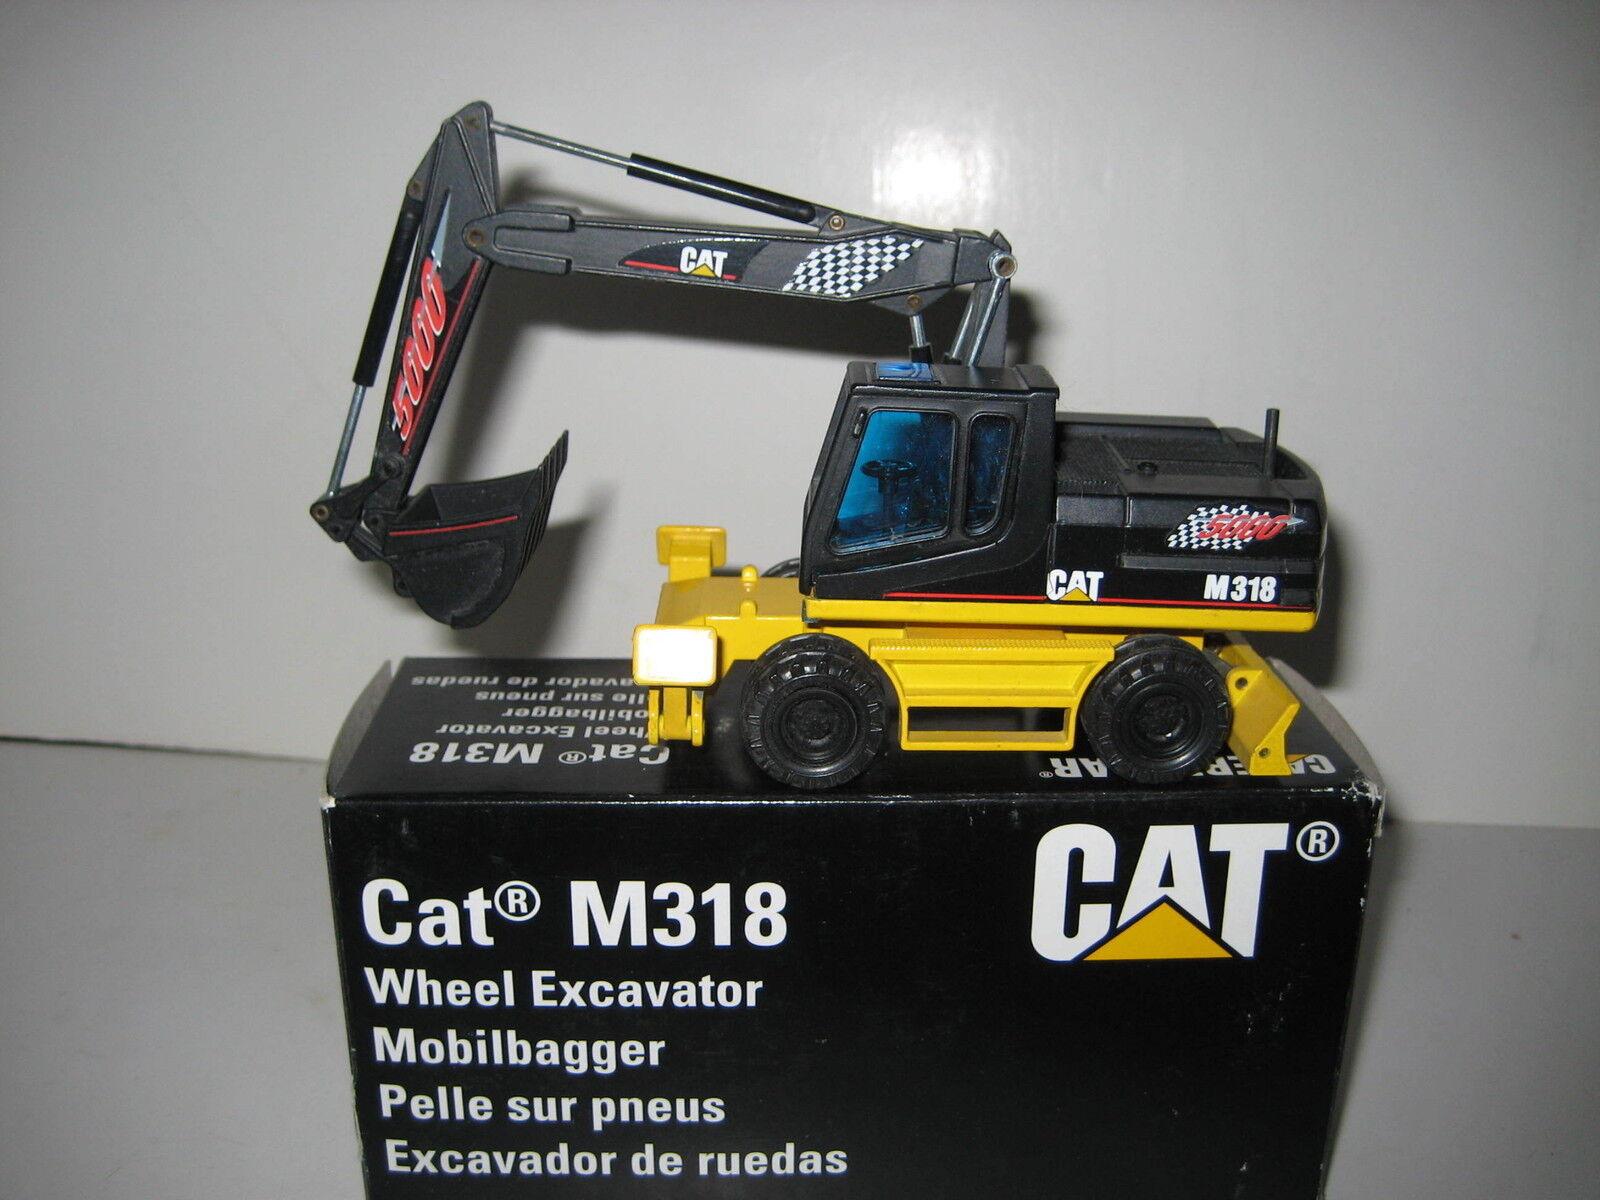 CATERPILLAR M 318 BAGGER TIEFLÖFFEL RACING  405.3 NZG 1 50 OVP